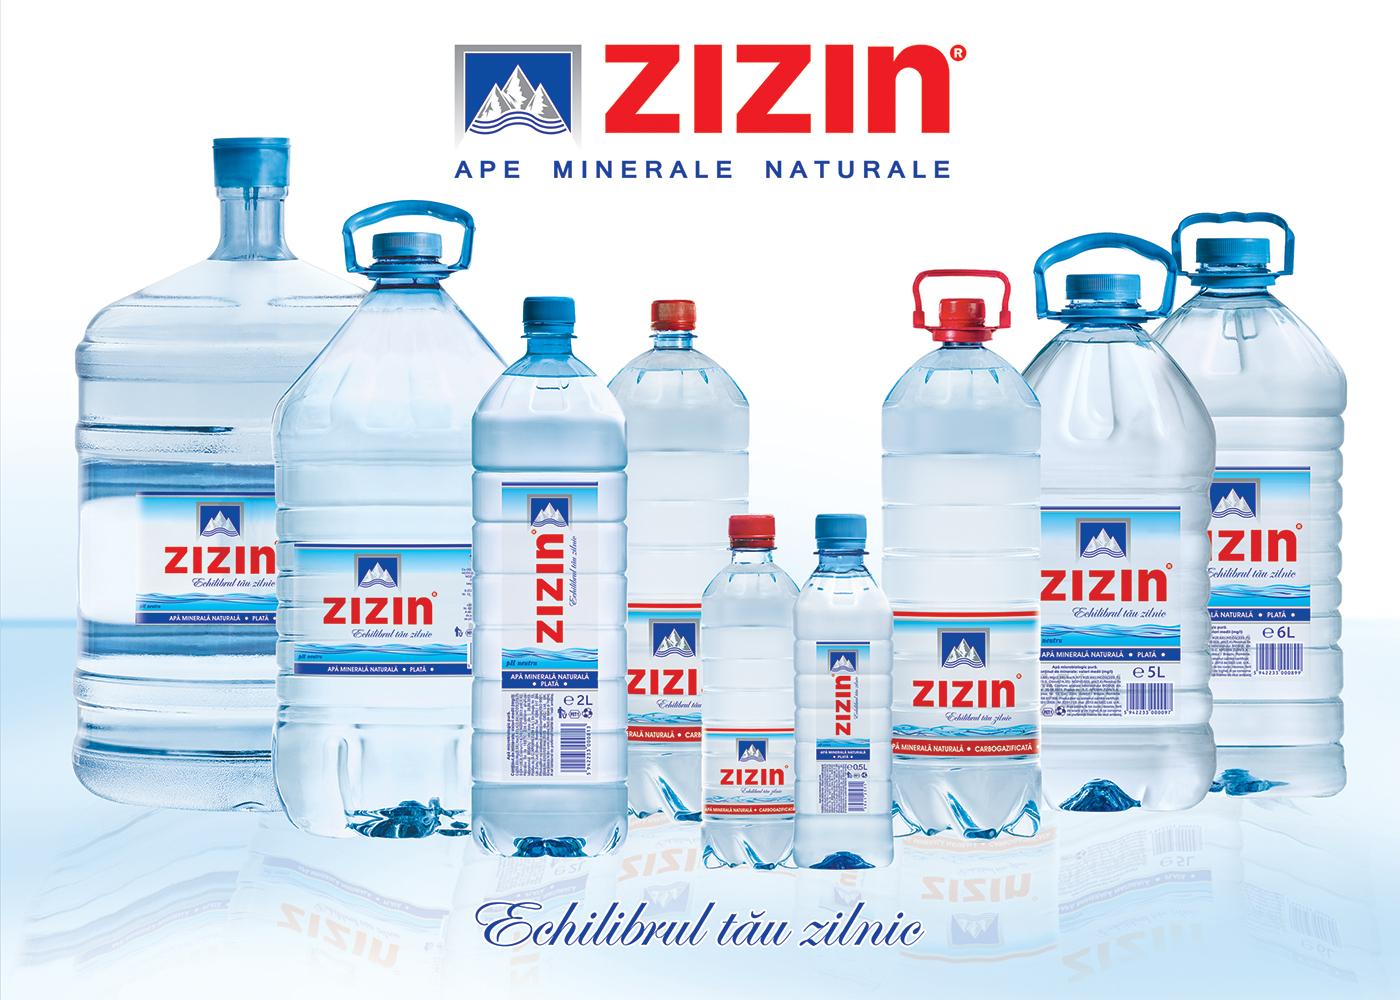 Proprietarii apei minerale Zizin pariază pe o clinică de înfrumuseţare în Bucureşti